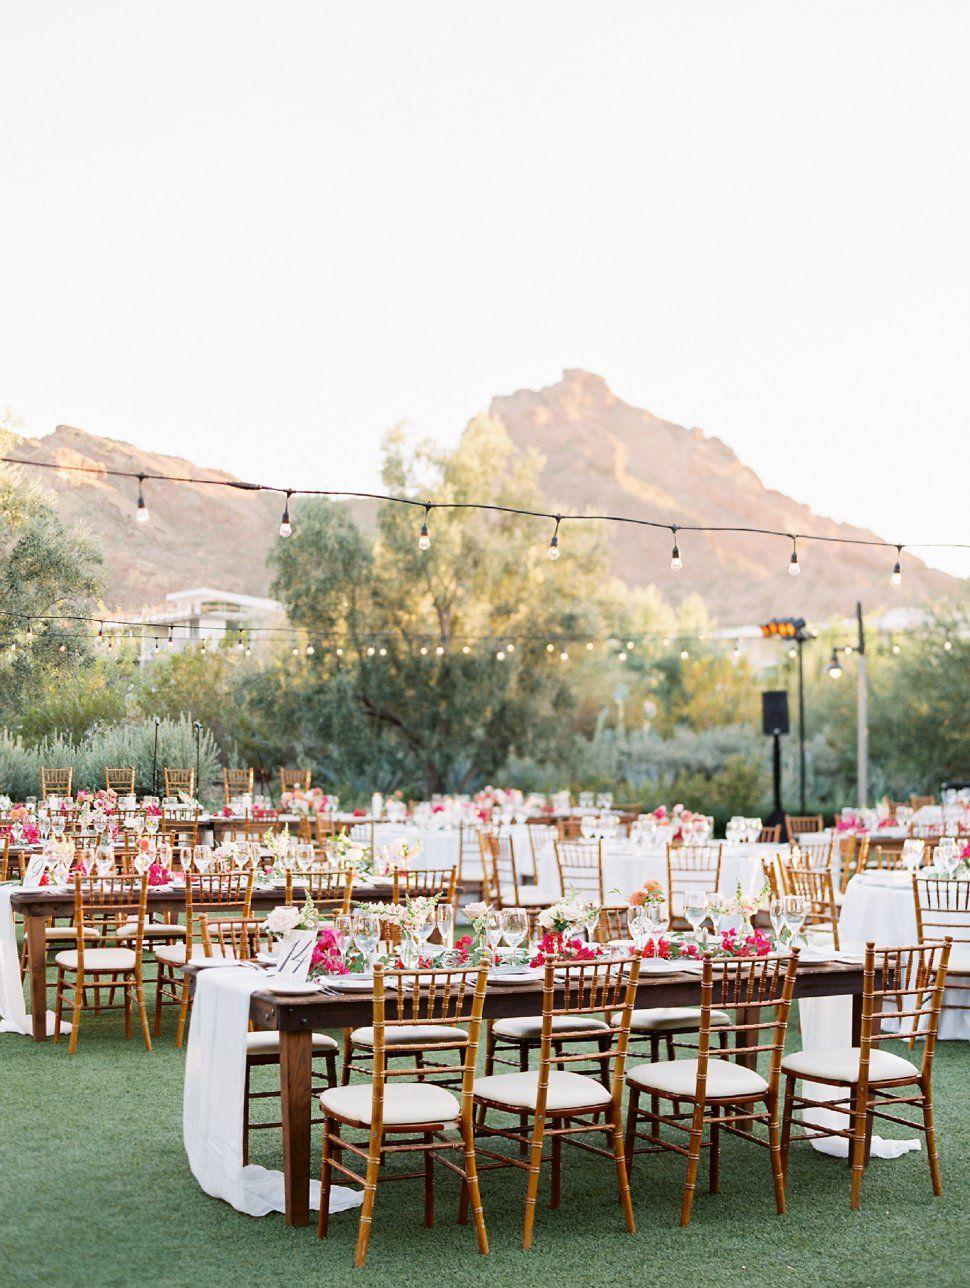 El Chorro Wedding Photos Rachel Solomon Photography Arizona Wedding Arizona Wedding Venues Outdoor Wedding Ceremony